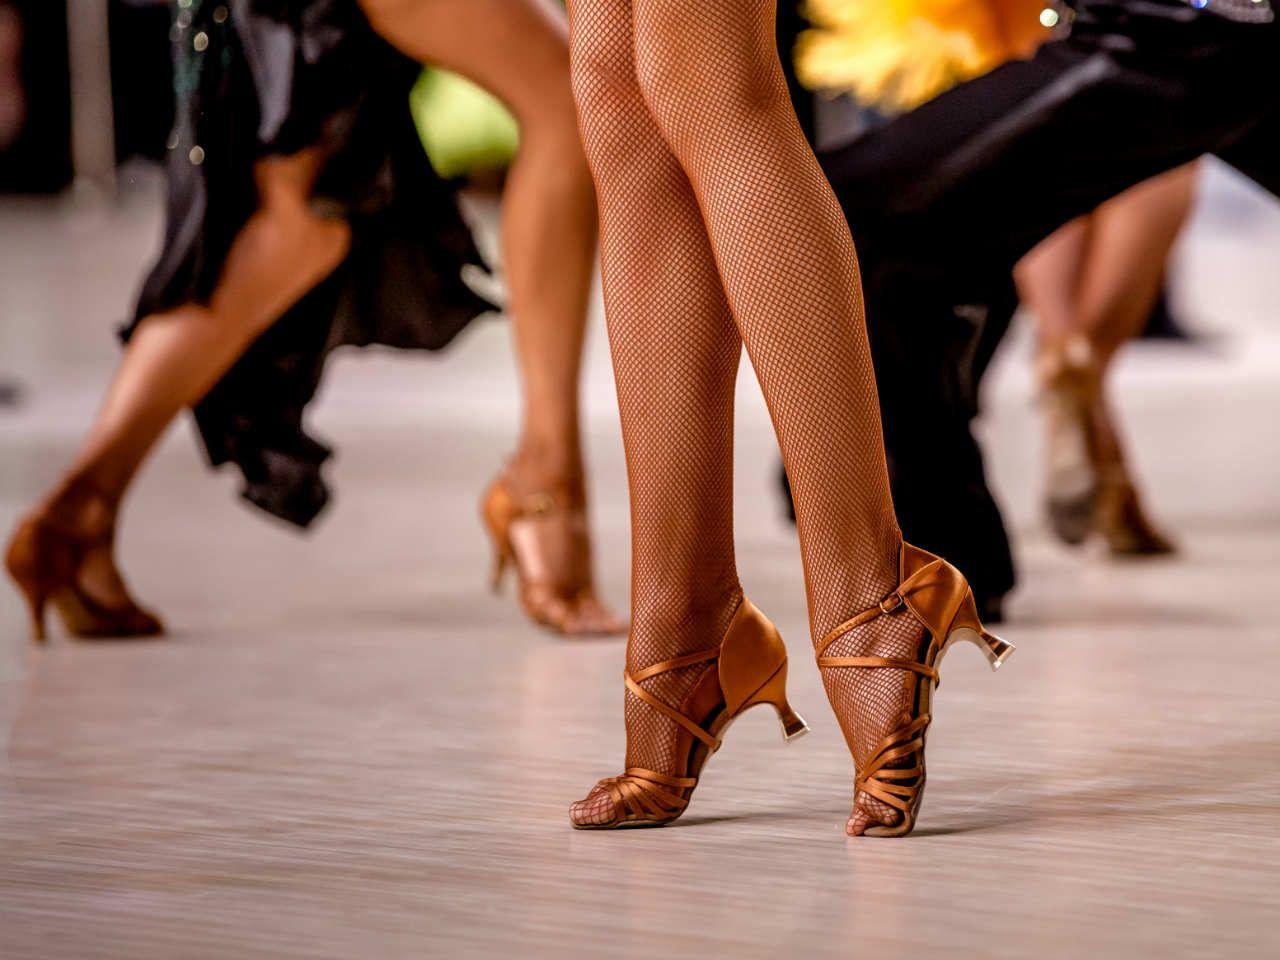 Jakie buty do tańca towarzyskiego kupić? Dbam o siebie